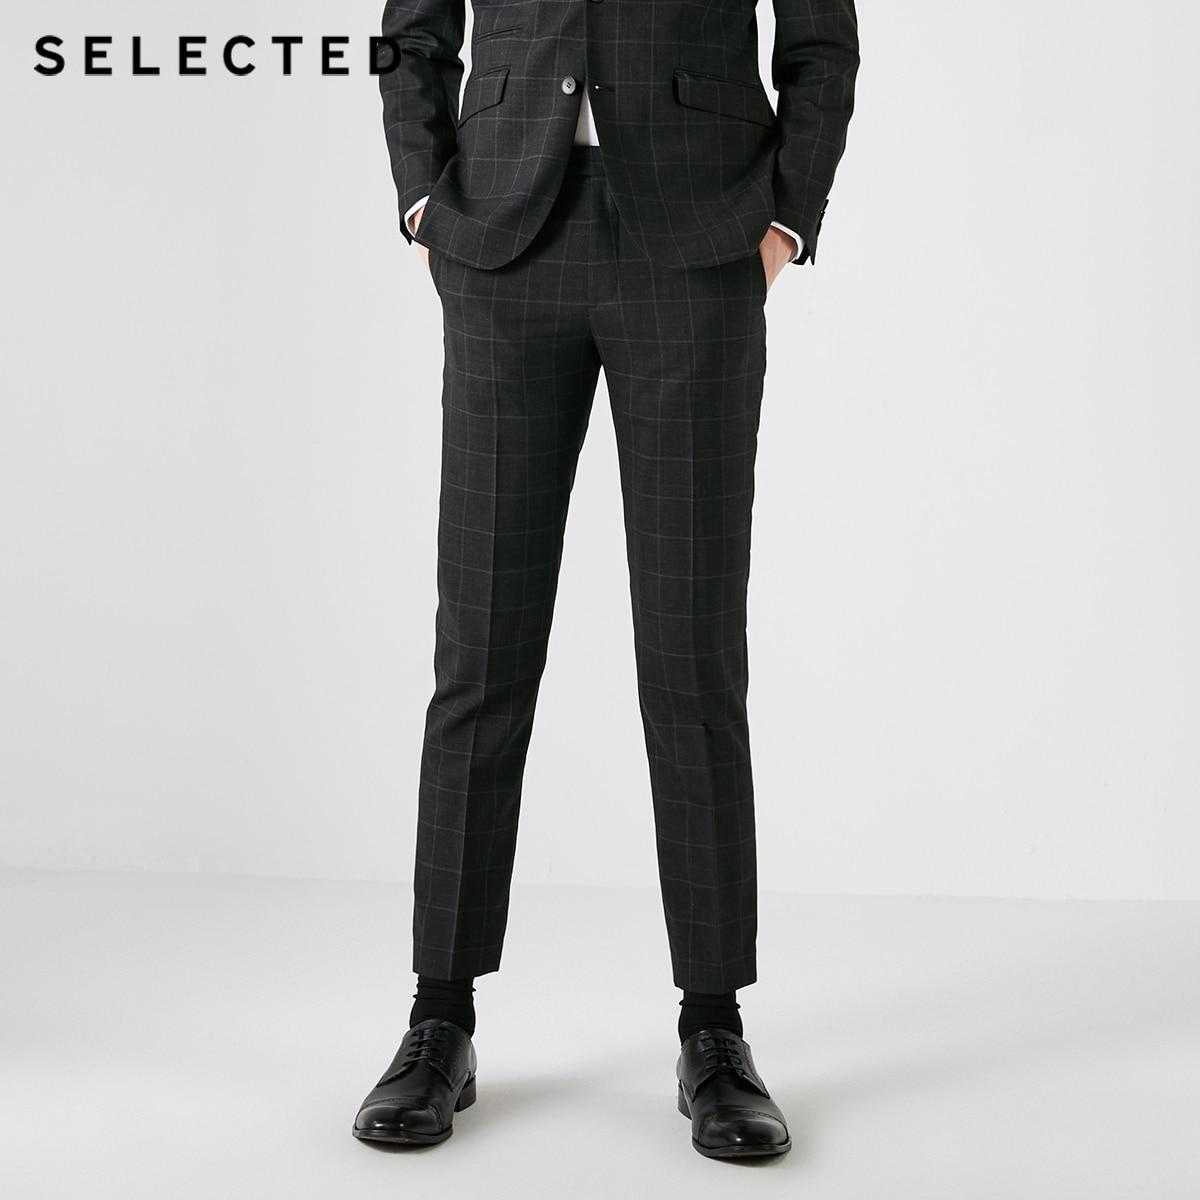 選択男性含むチェック柄ビジネス通勤スーツパンツスタイリッシュな T  41836B501  グループ上の メンズ服 からの スーツ パンツ の中 1